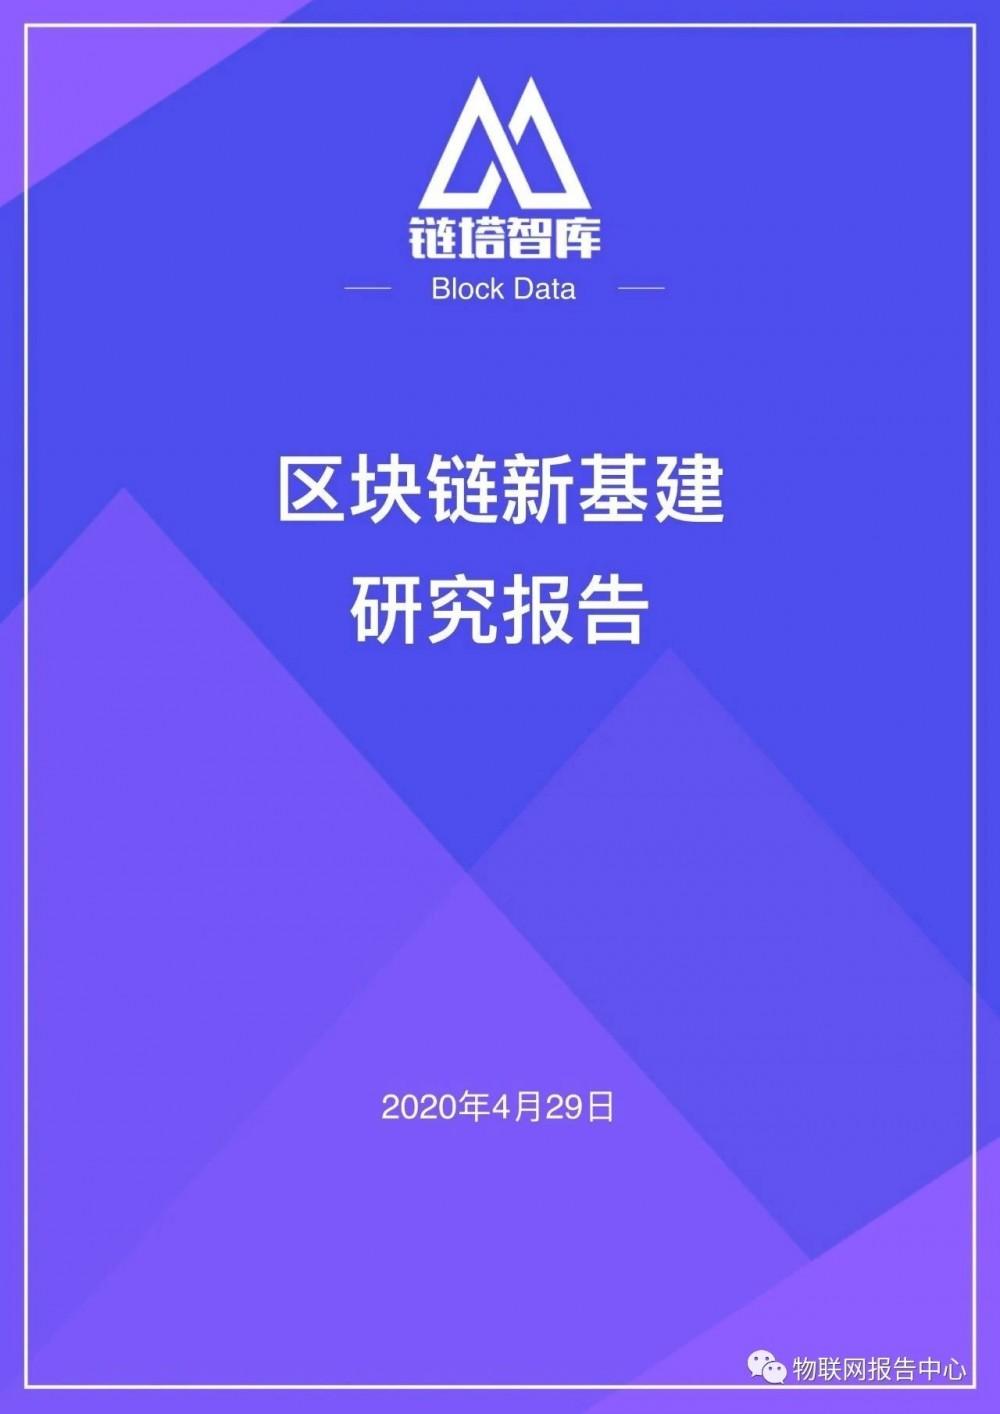 区块链应用之九:中国新基建区块链重点项目配图(1)